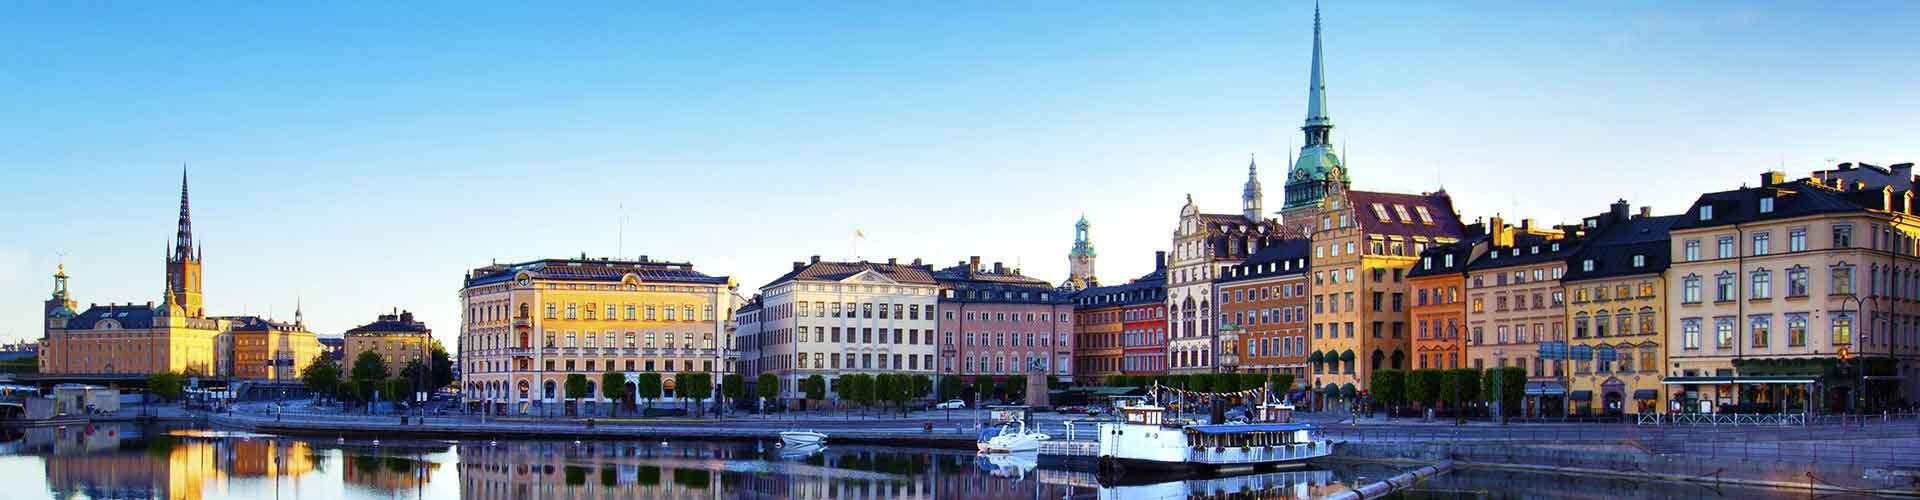 Tukholma – Hostellit kohteessa Tukholma. Tukholma -karttoja, valokuvia ja arvosteluja kaikista Tukholma -hostelleista.